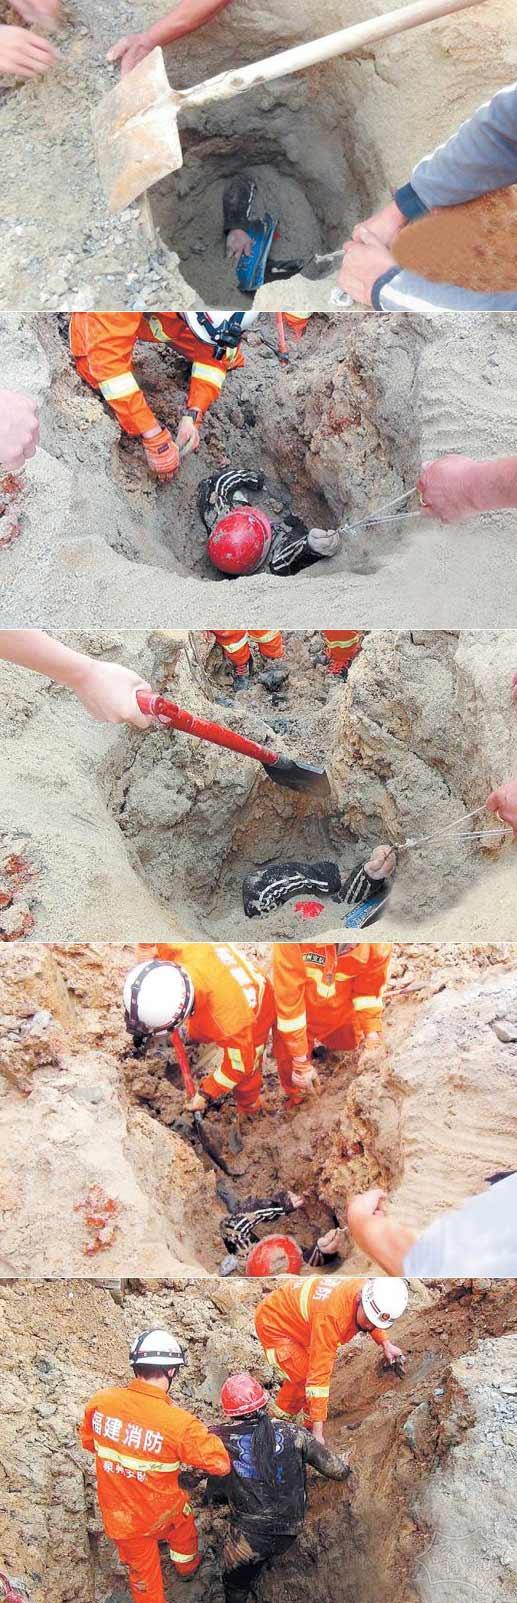 活埋…但中国女人救了因为她的安全帽有一些空间,让她呼吸空气